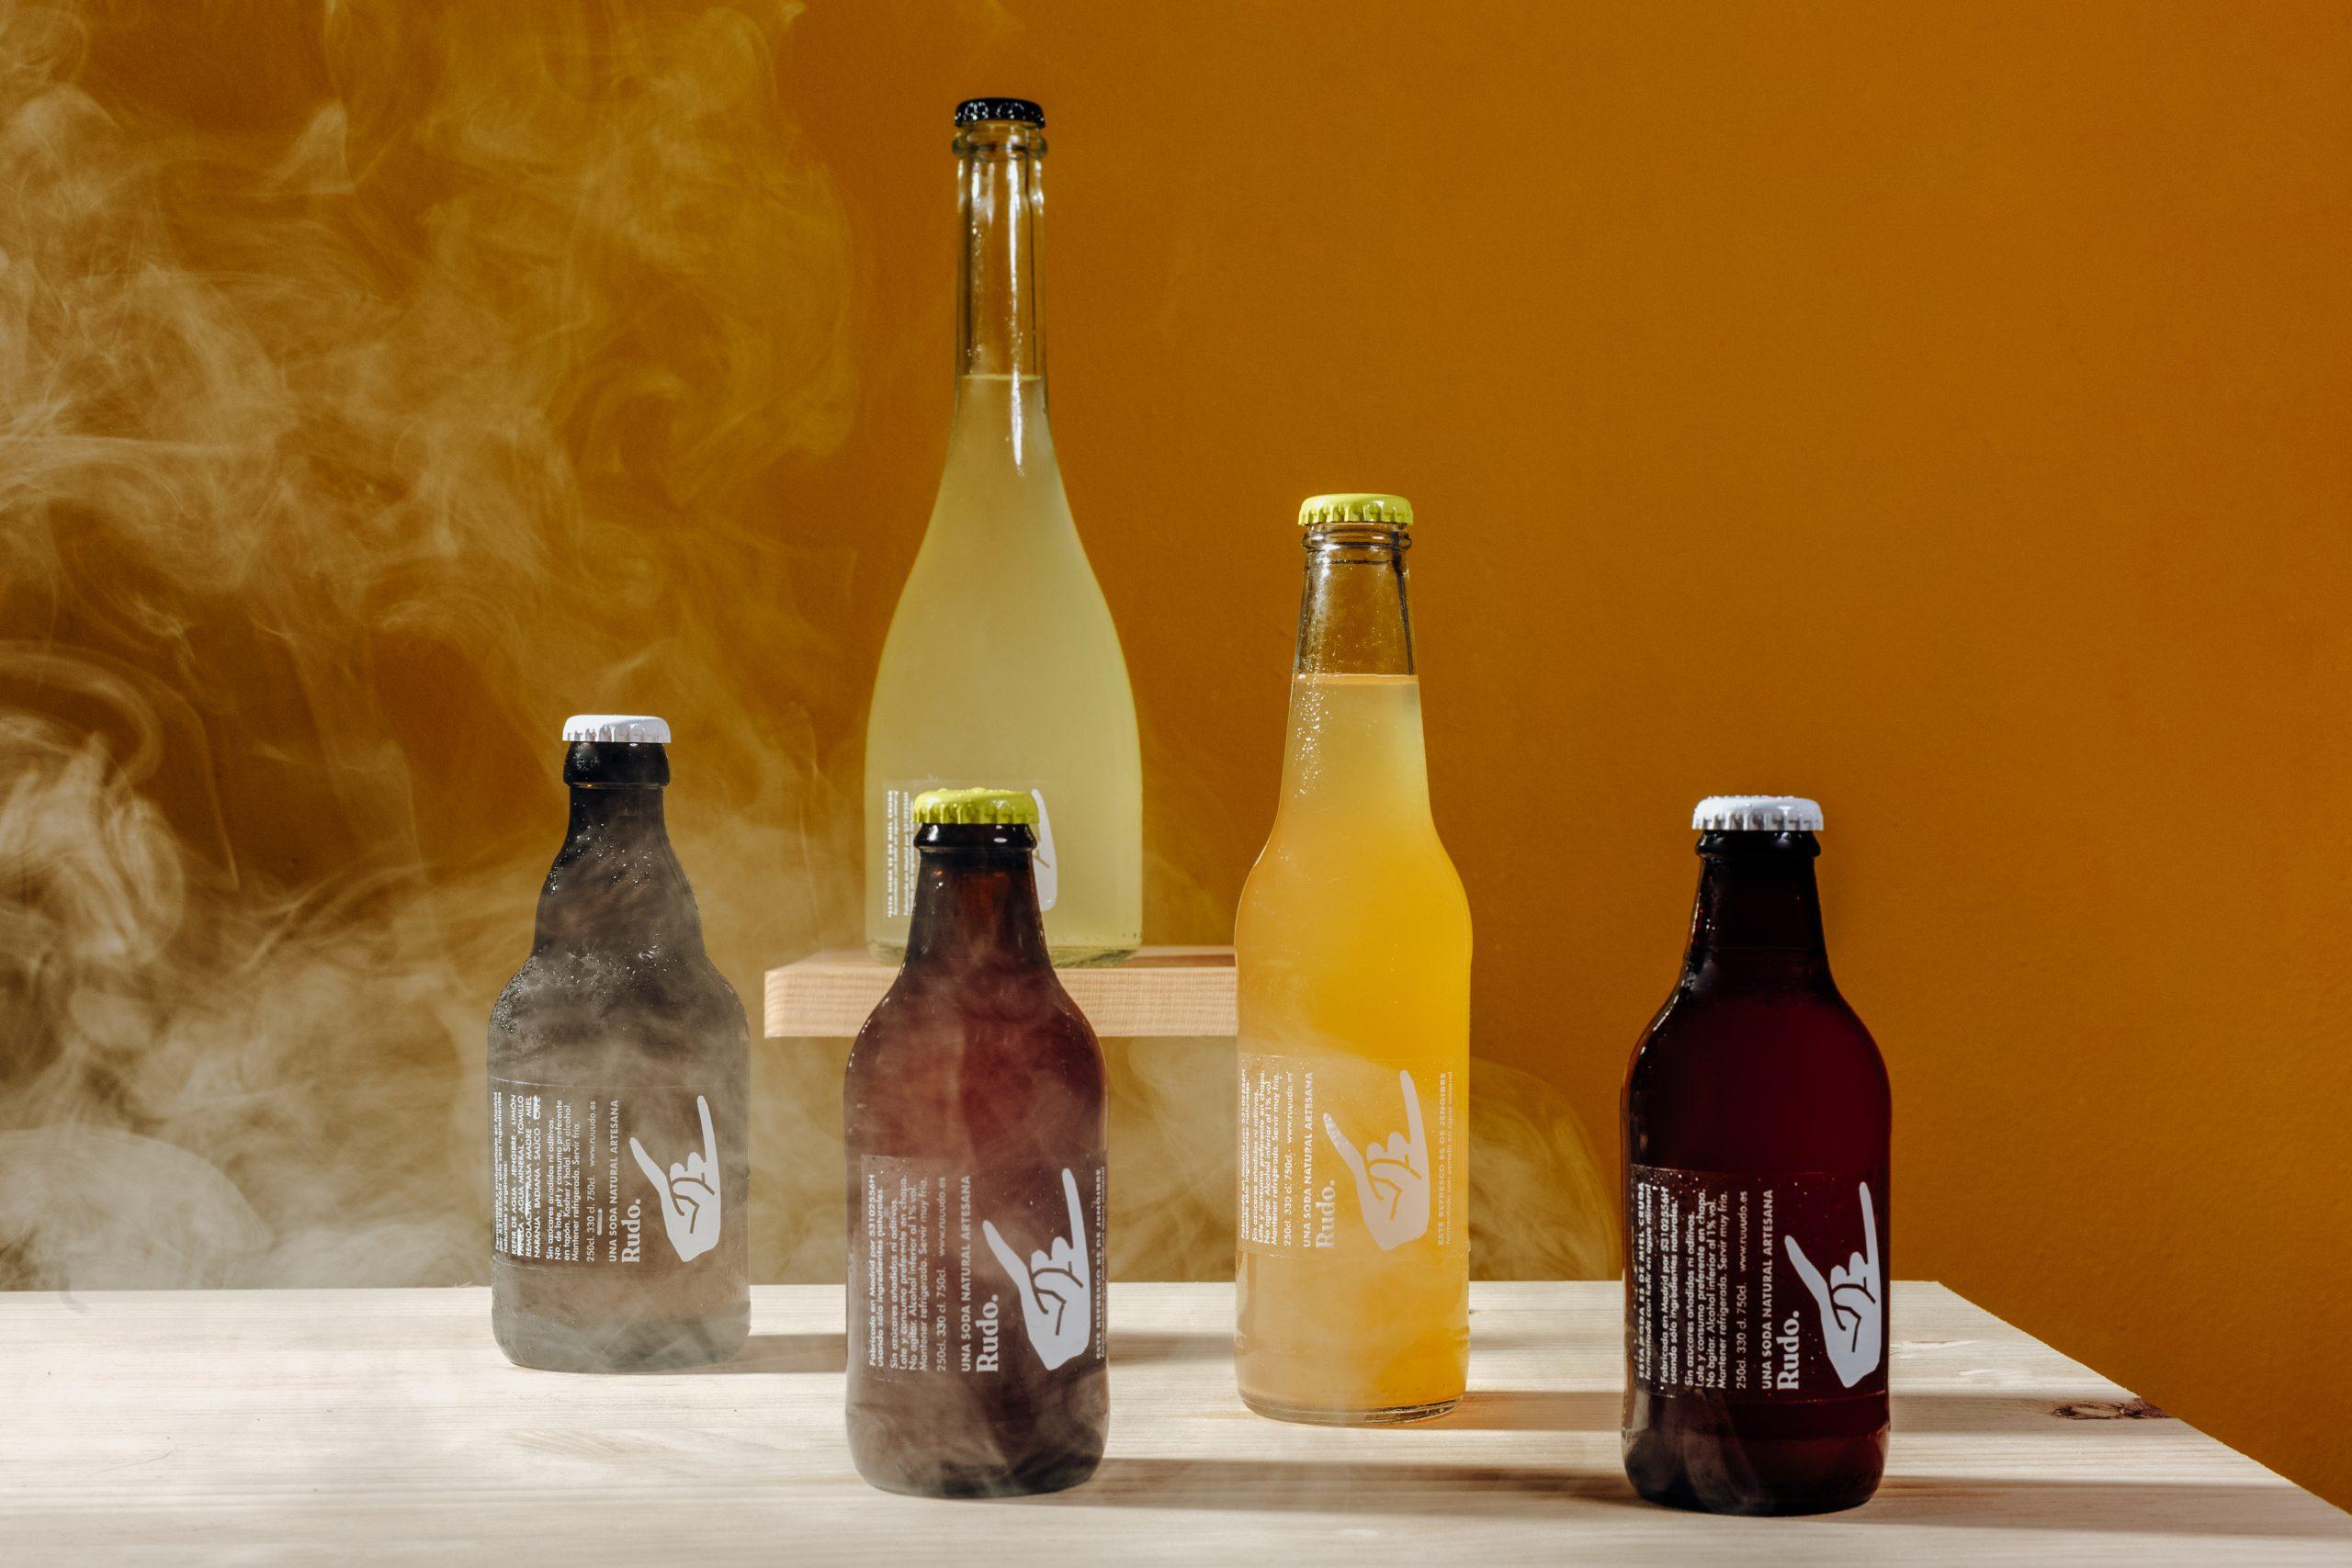 Foto de familia con todas las botellas de refrescos ligeros y probióticos con ingredientes naturales, hecha por Lorena Grandío.